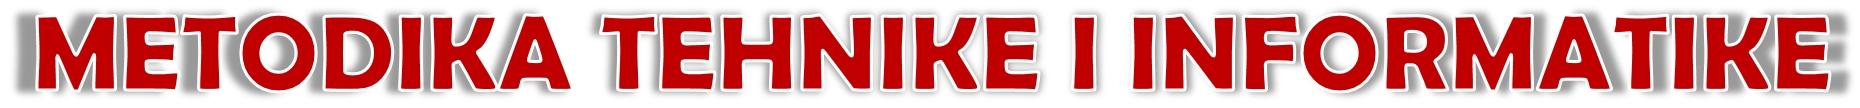 MTI - Logo